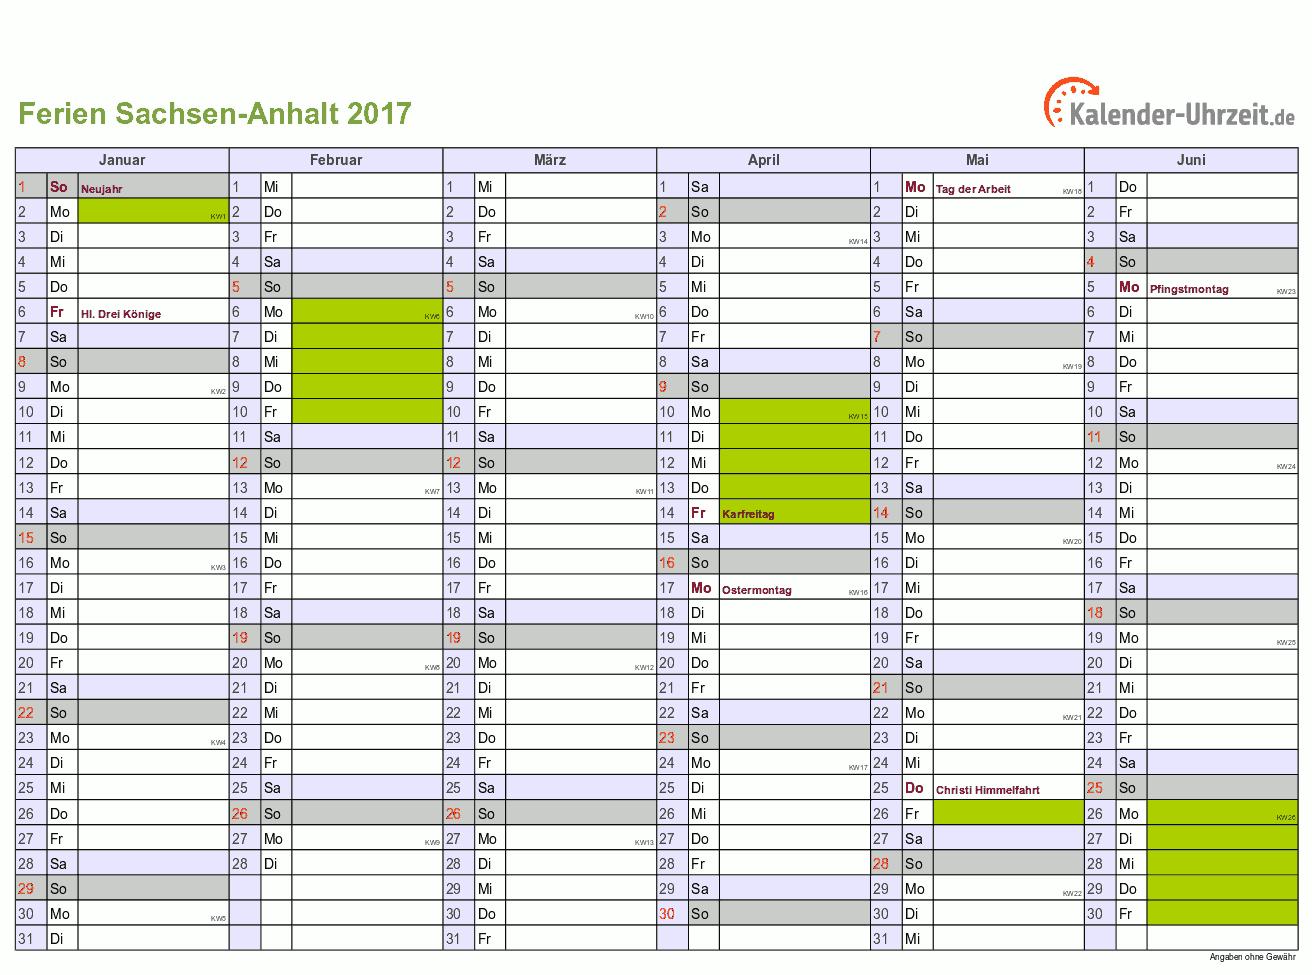 Ferien Sachsen-Anhalt 2017 - Ferienkalender zum Ausdrucken